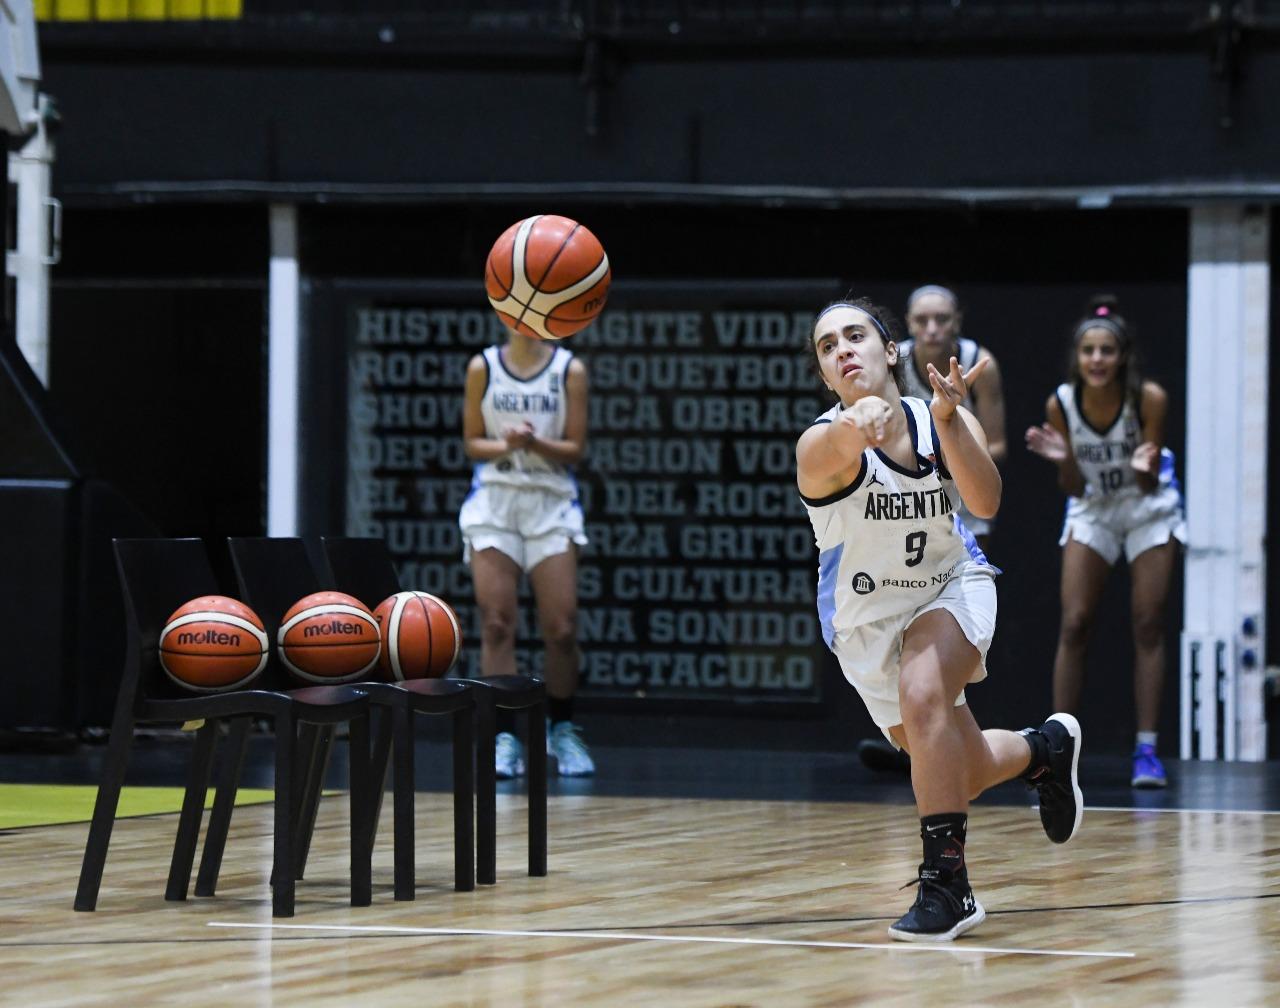 Todo listo para la Fase Mundial del FIBA U15 Skills Challenge